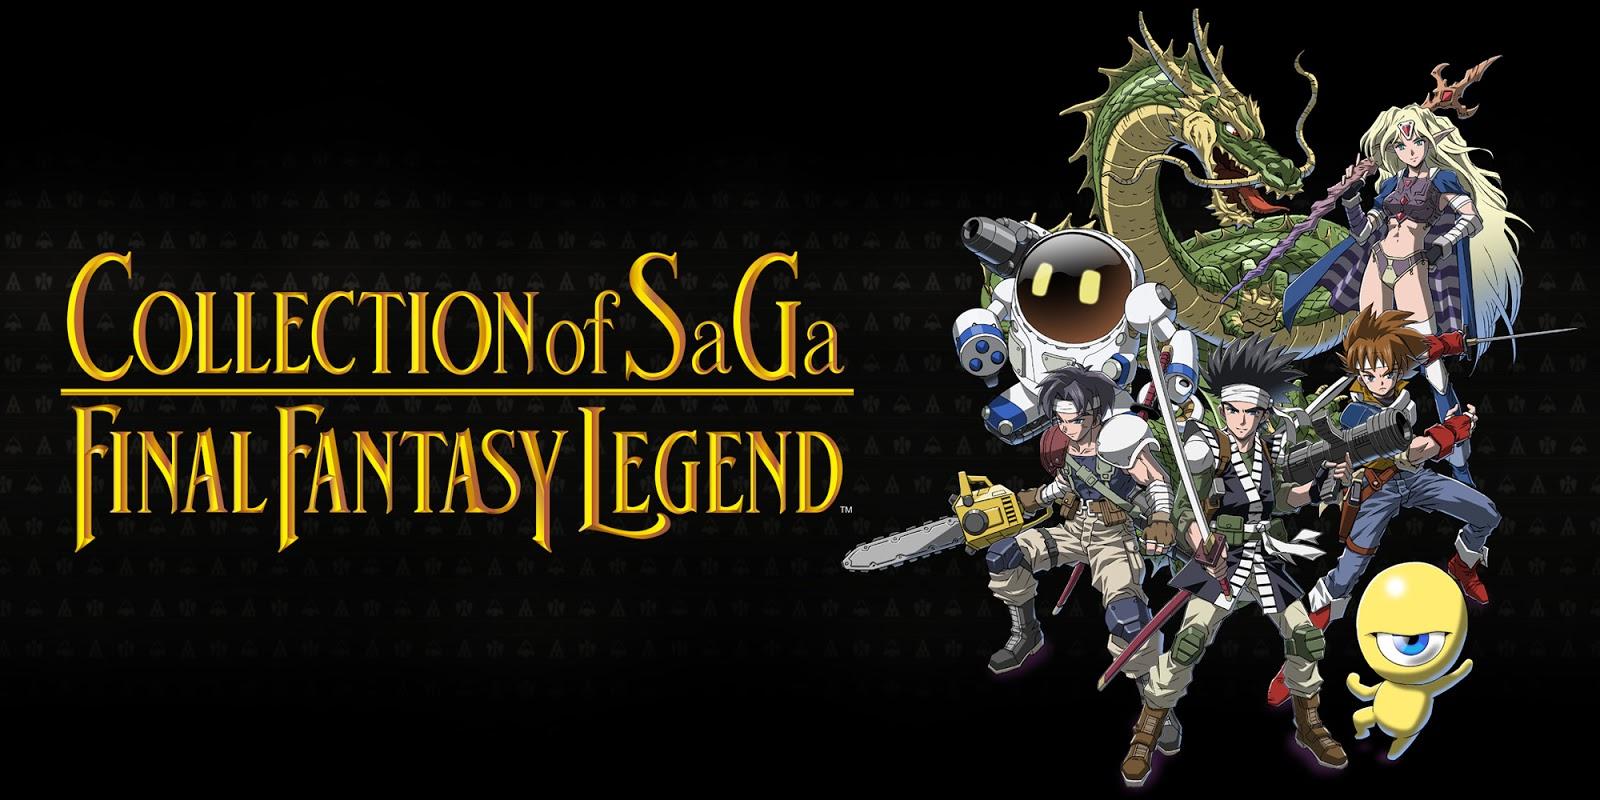 December game releases: Final Fantasy Legend